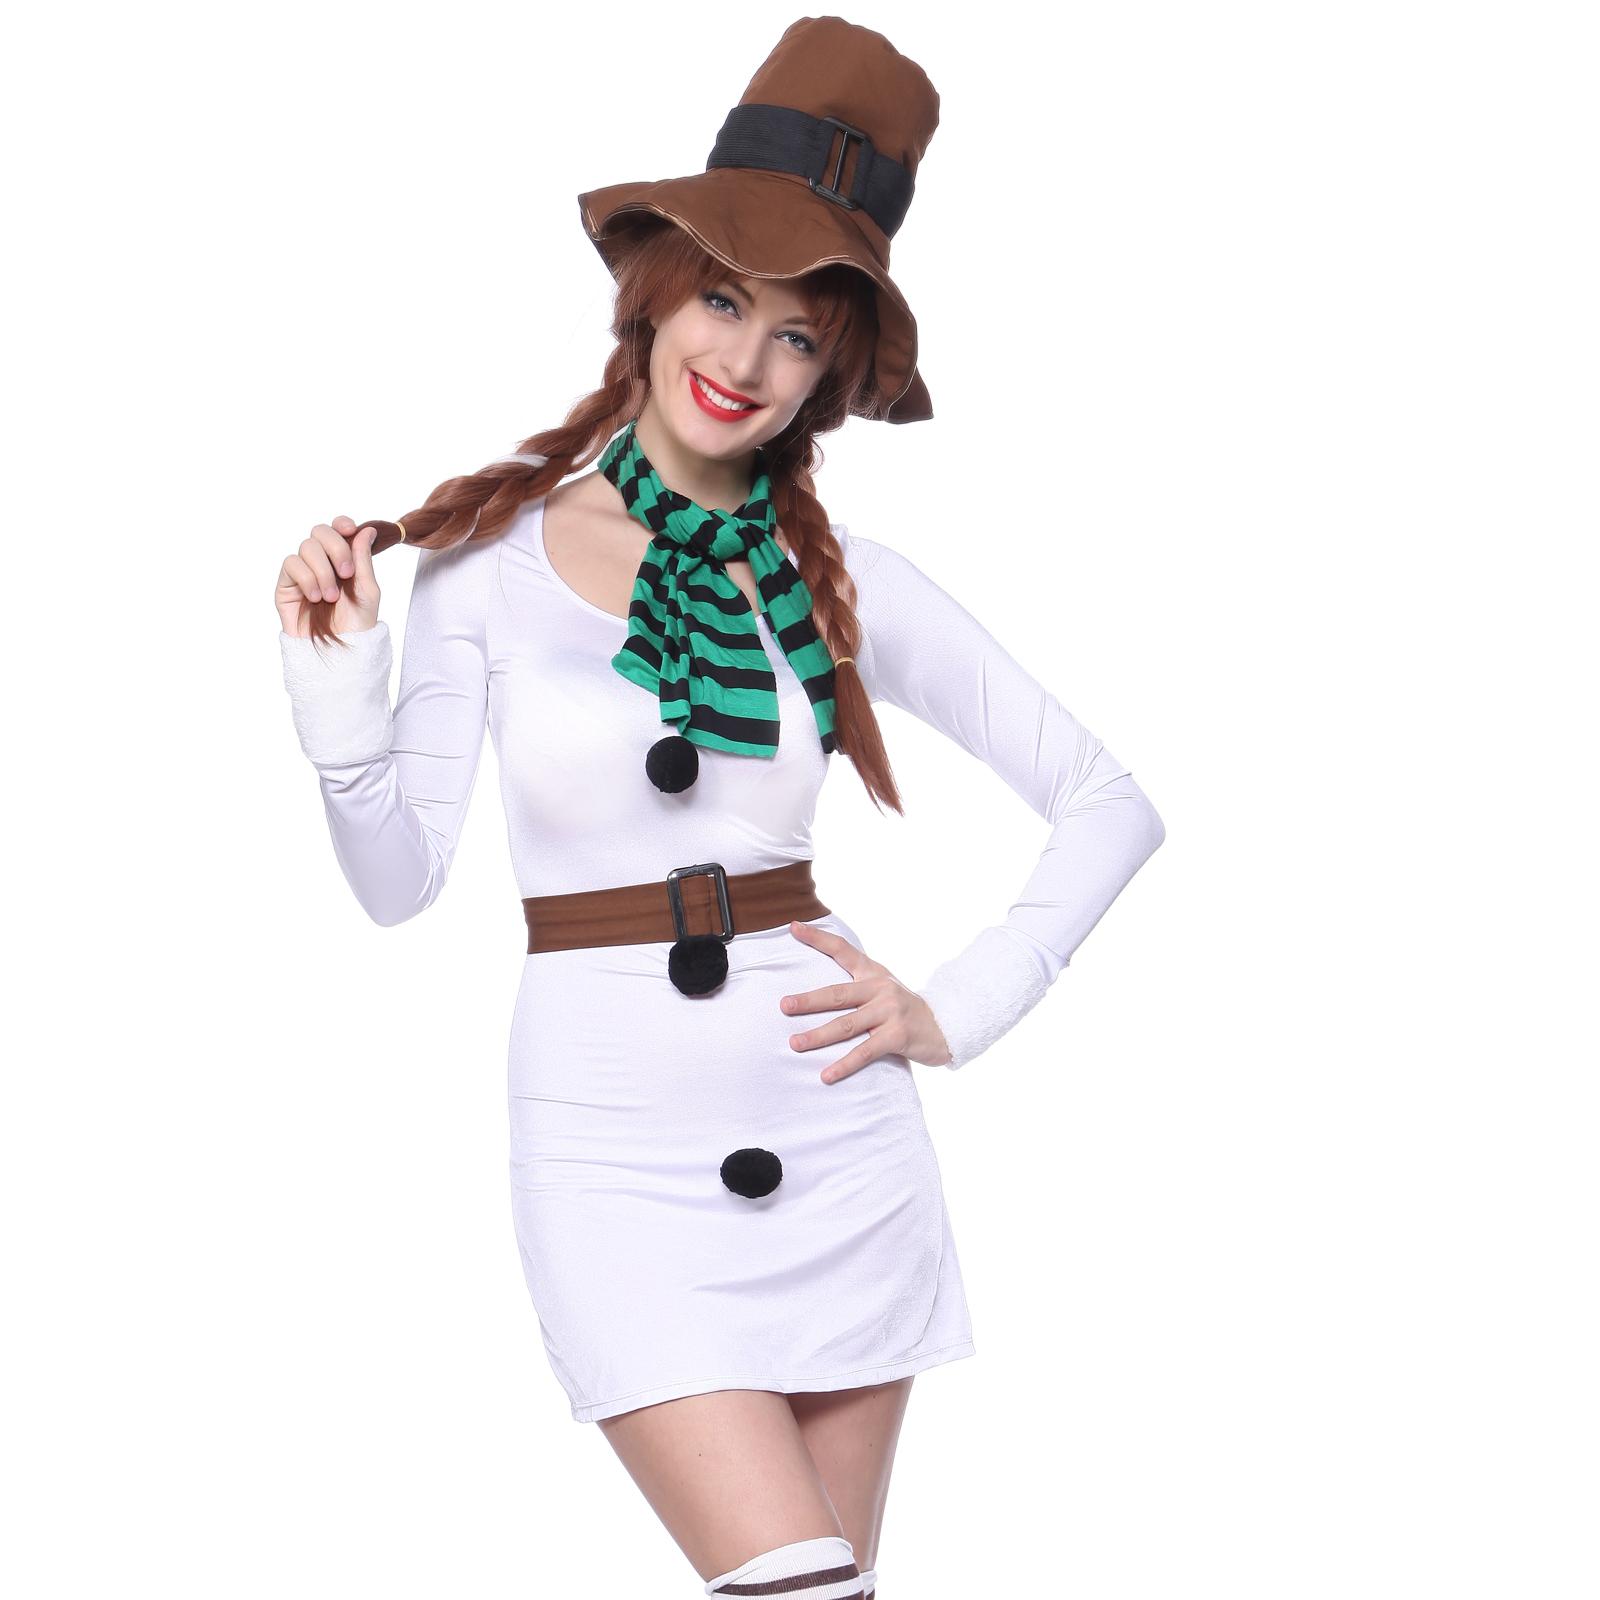 neu schneemann kost m damen weihnachten kleid verkleidung. Black Bedroom Furniture Sets. Home Design Ideas